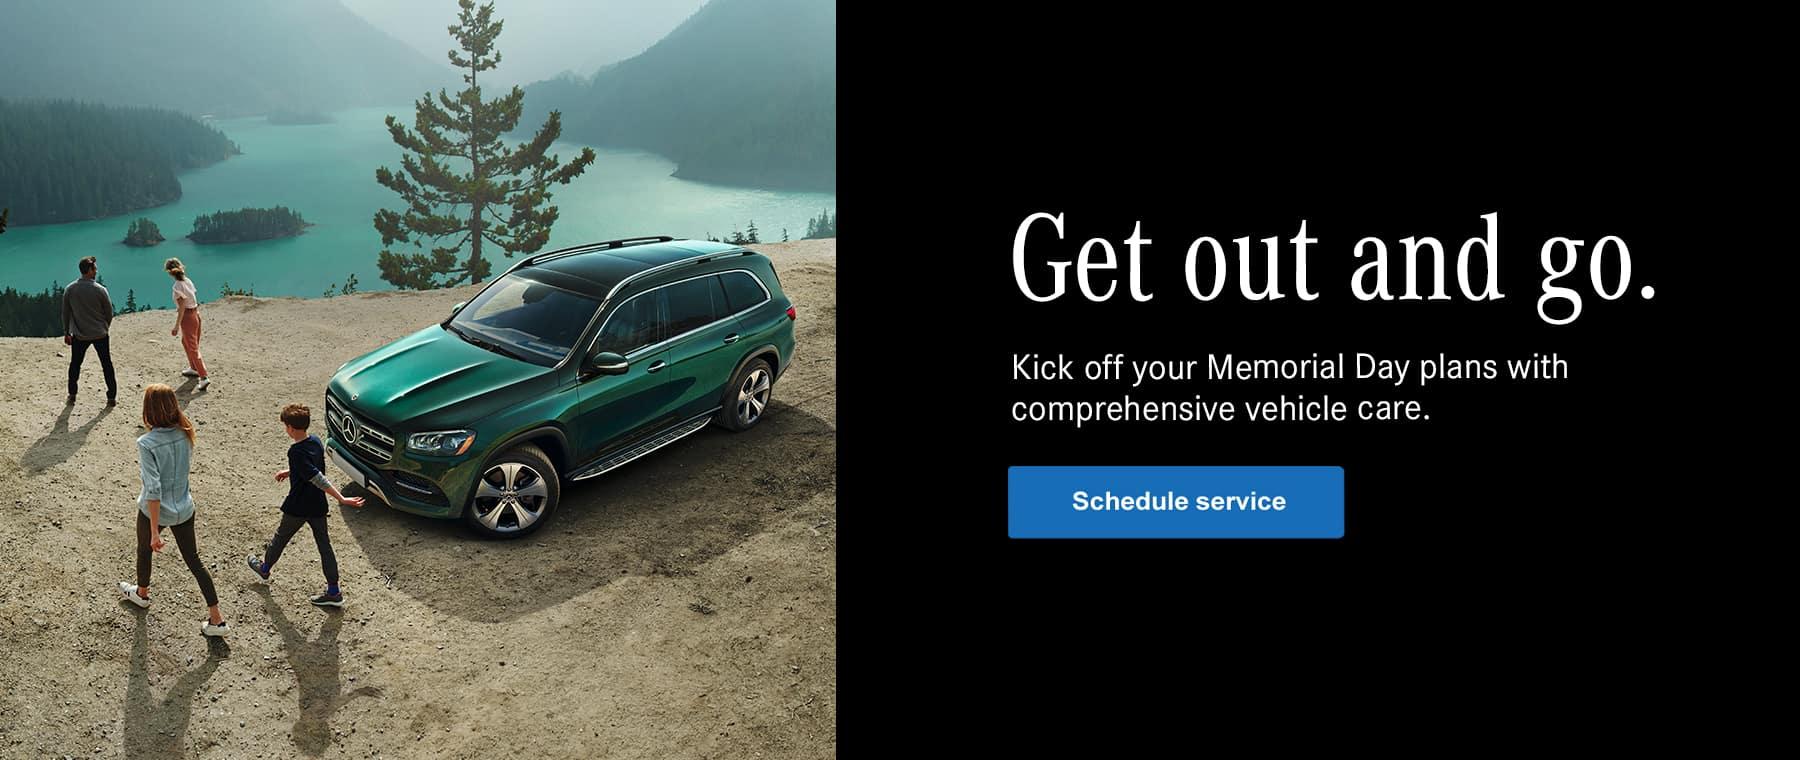 Mercedes-Benz memorial day services